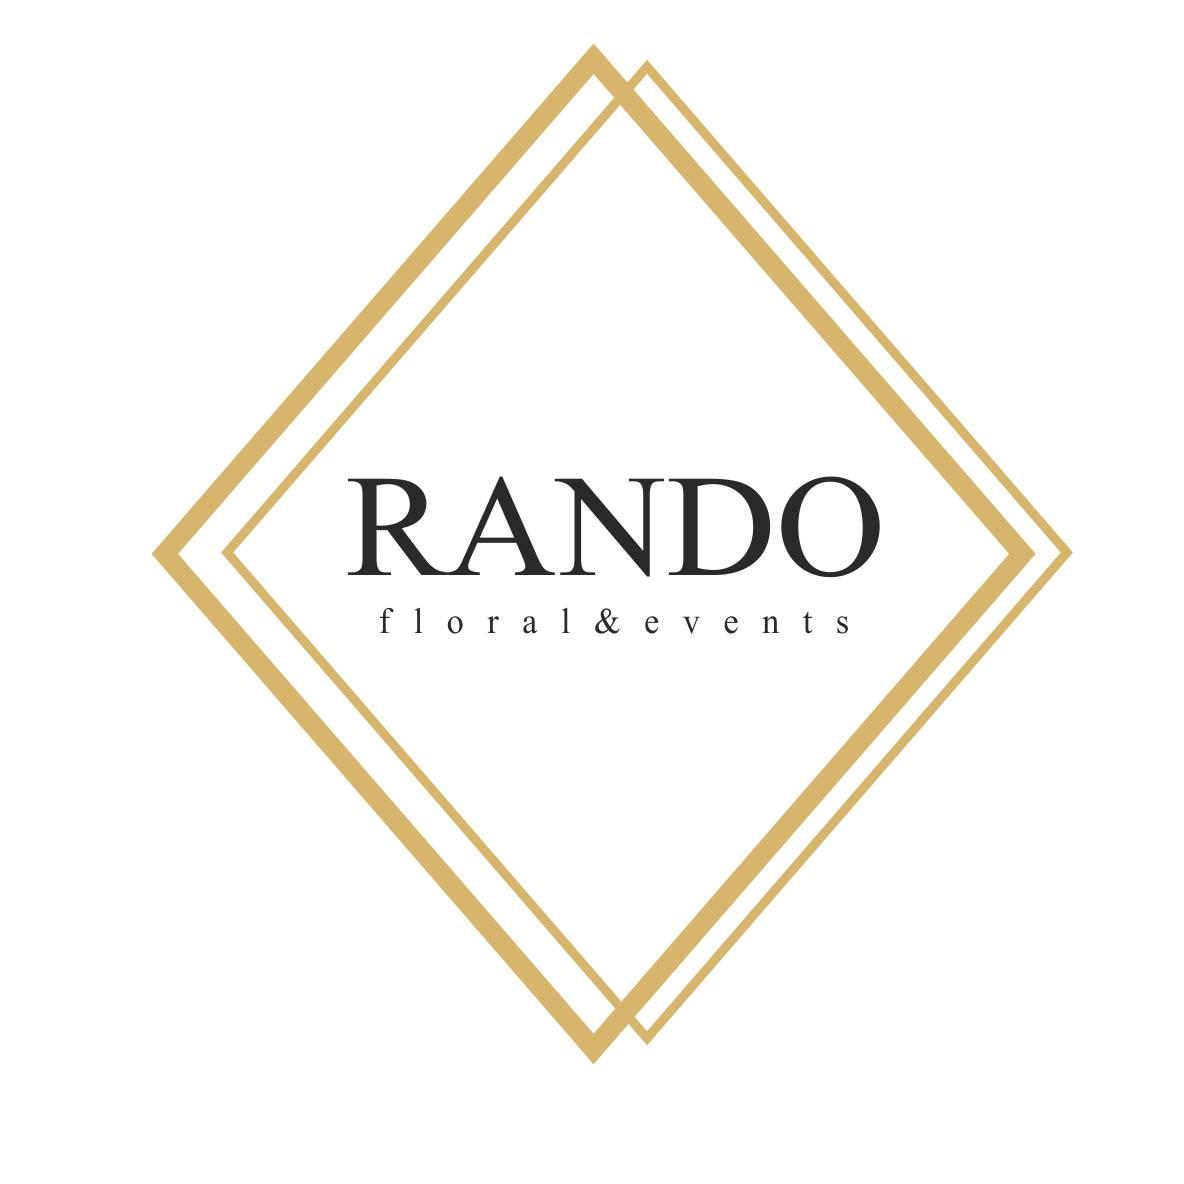 Rando Floral&Events